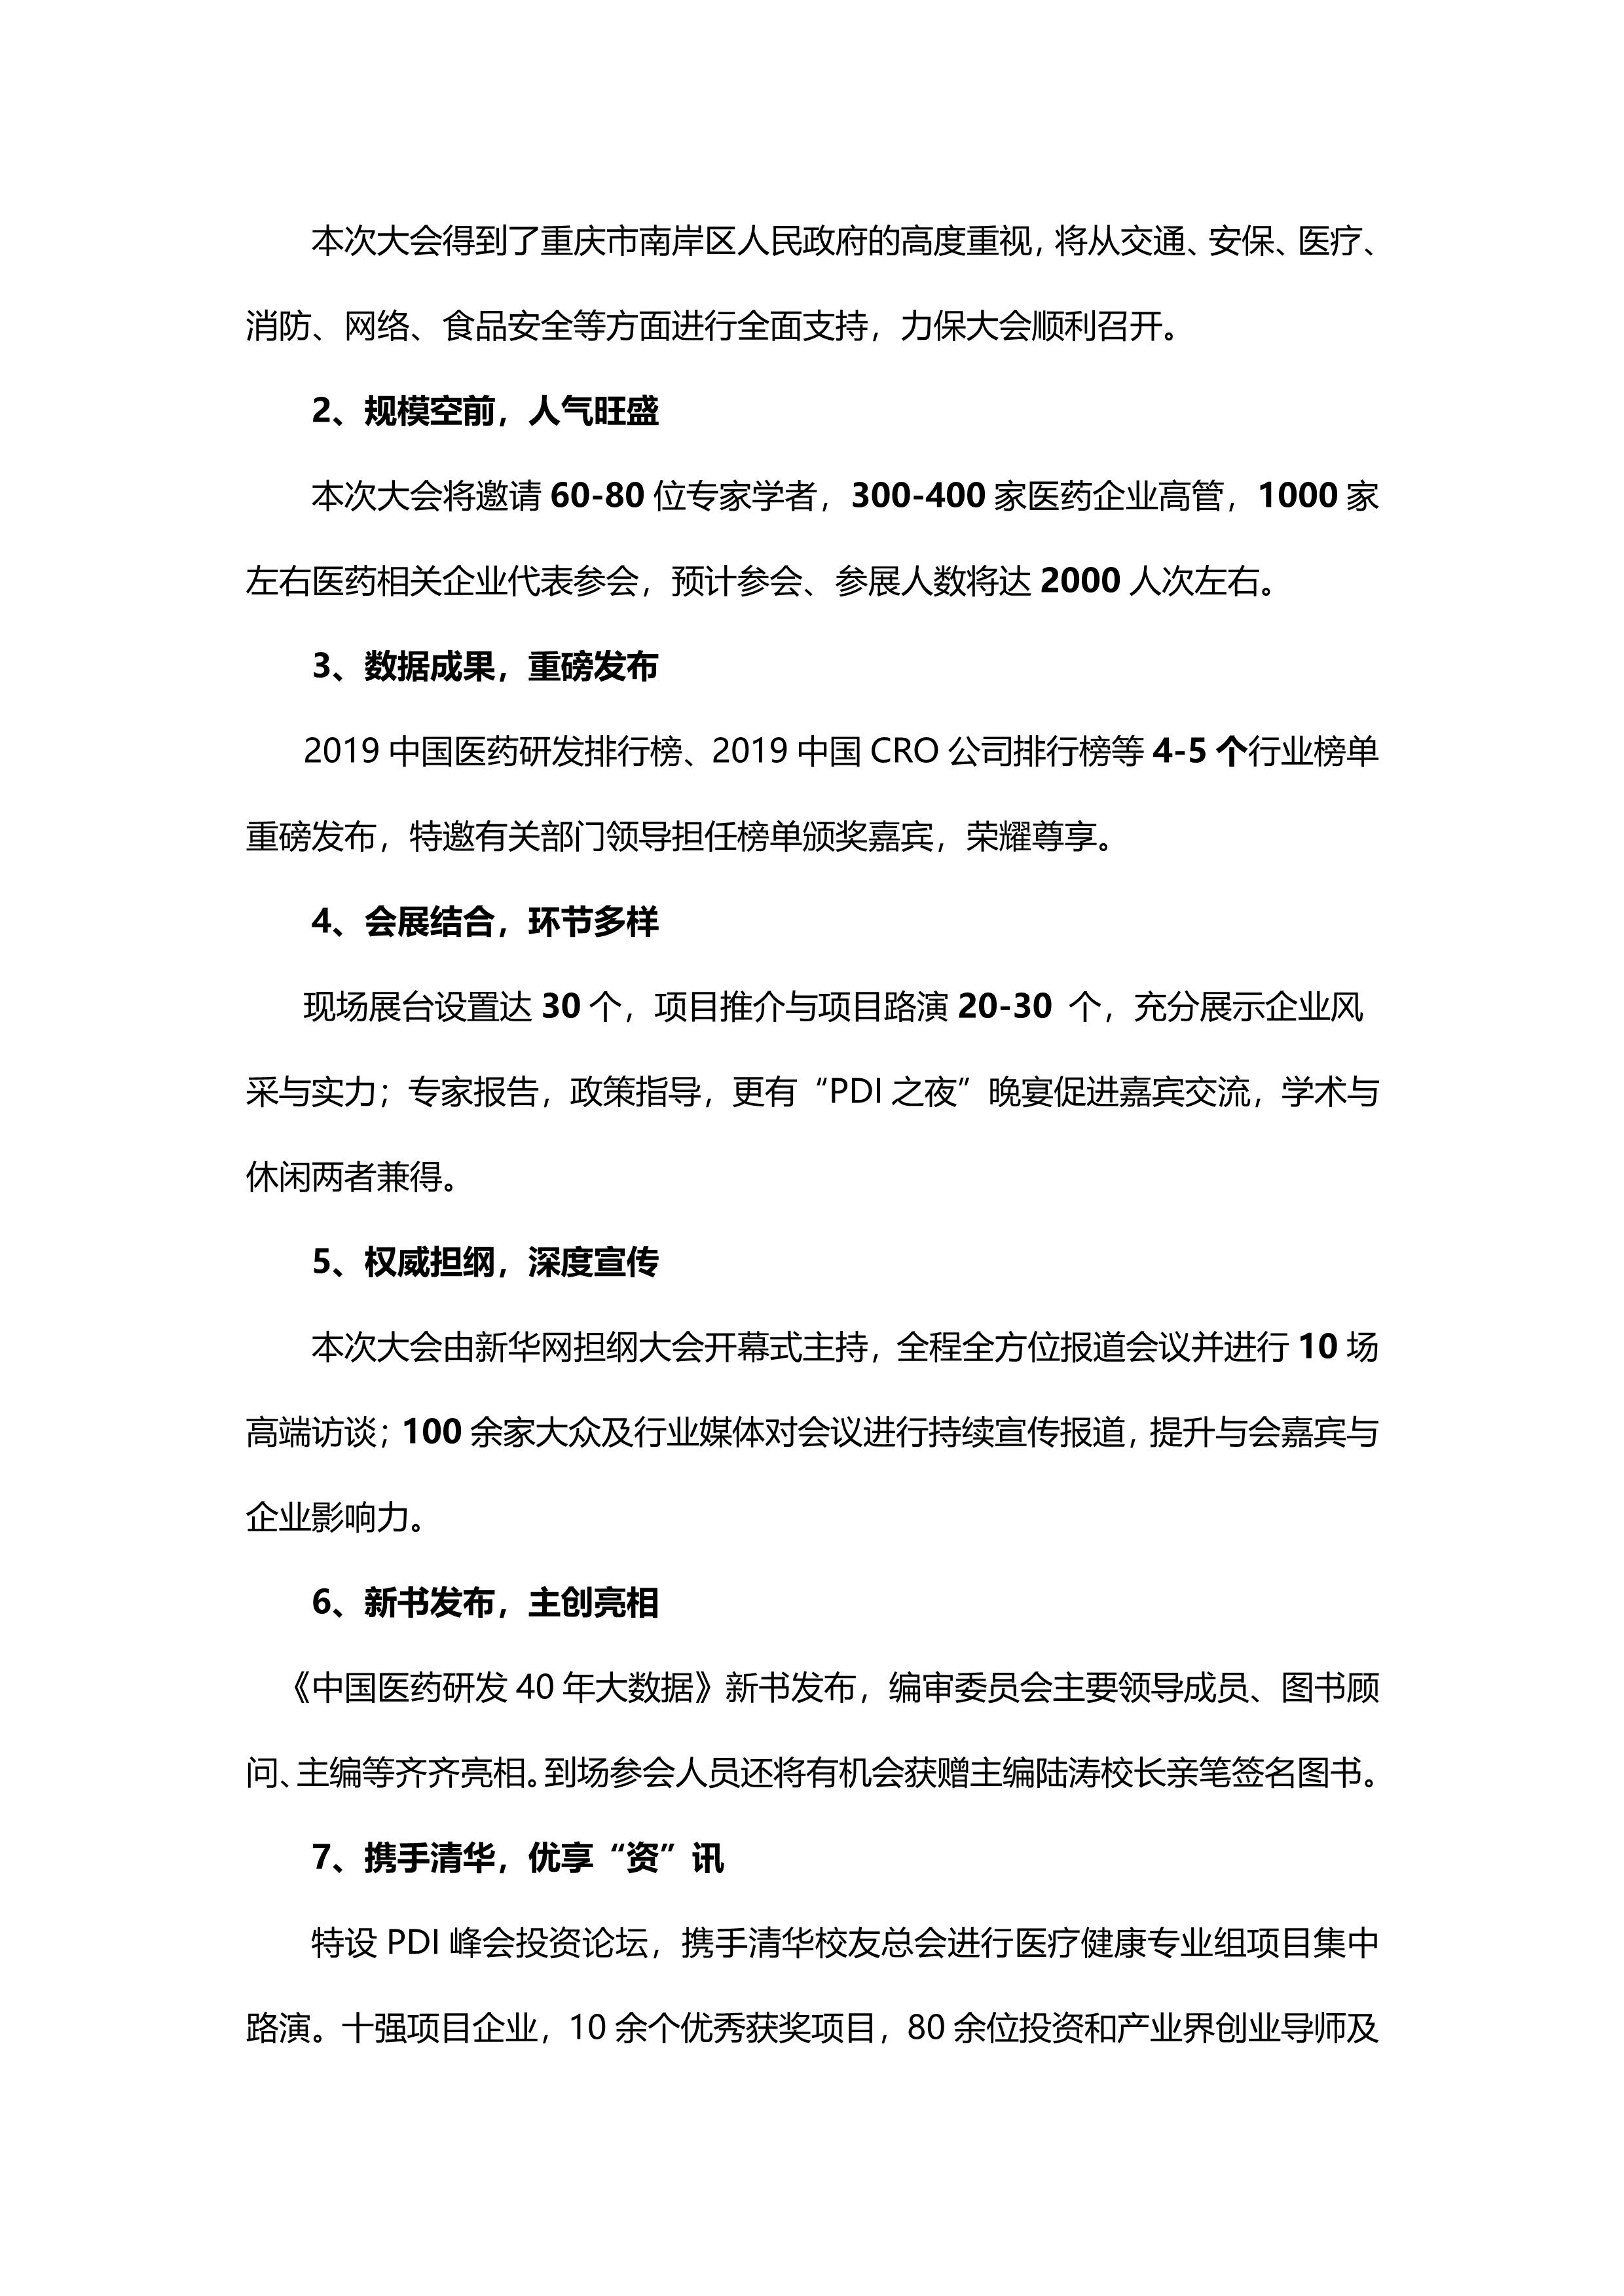 2019年第四届中国医药研发•创新峰会-邀请函0529(1)_5